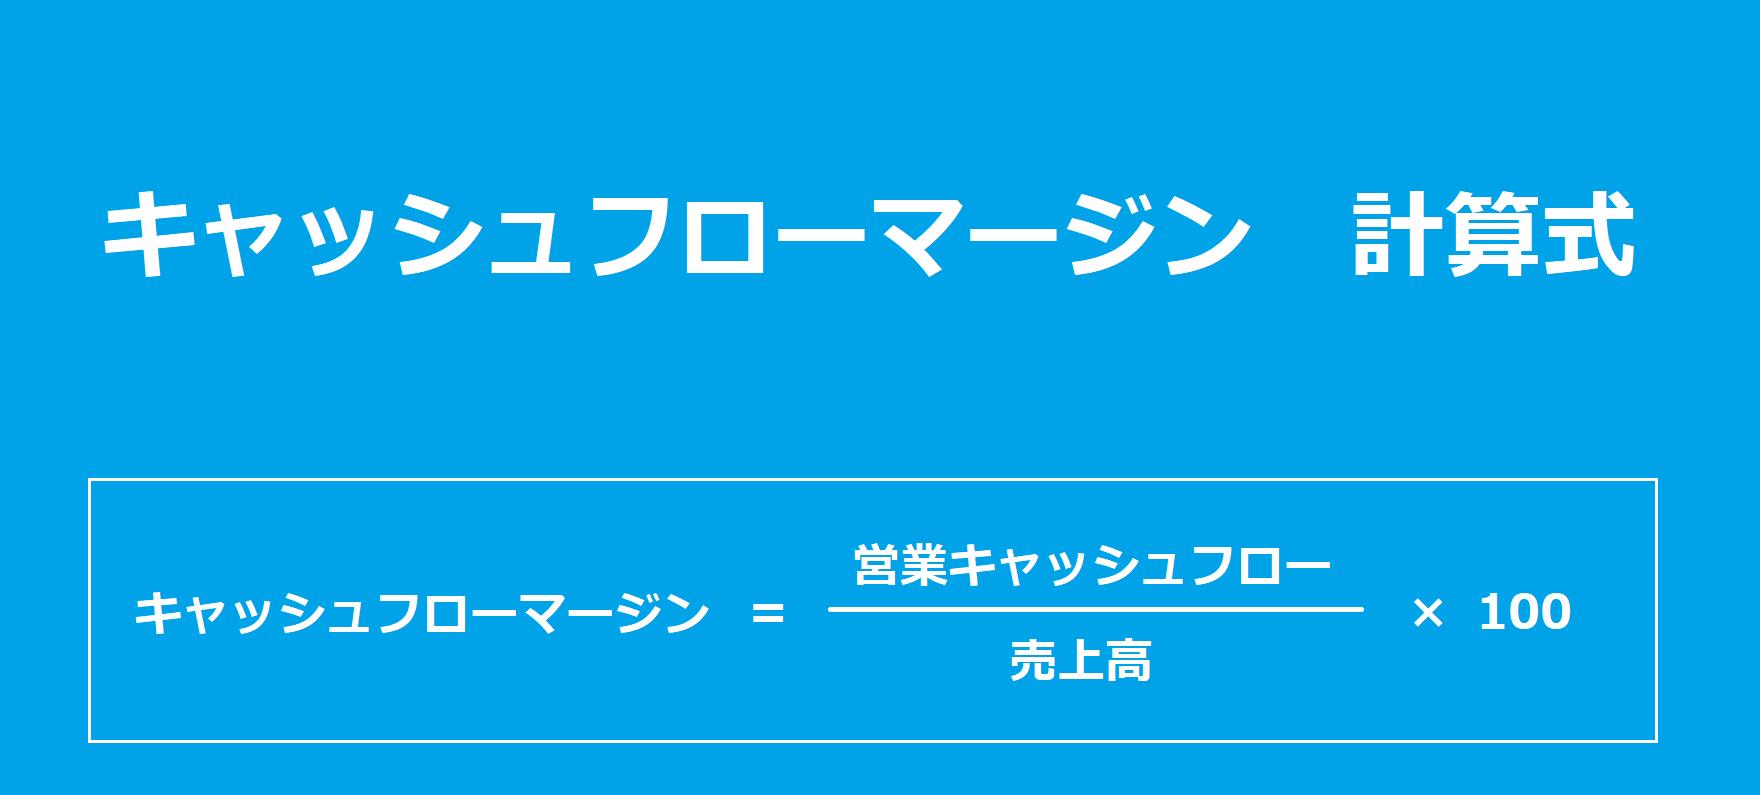 キャッシュフローマージンの計算式